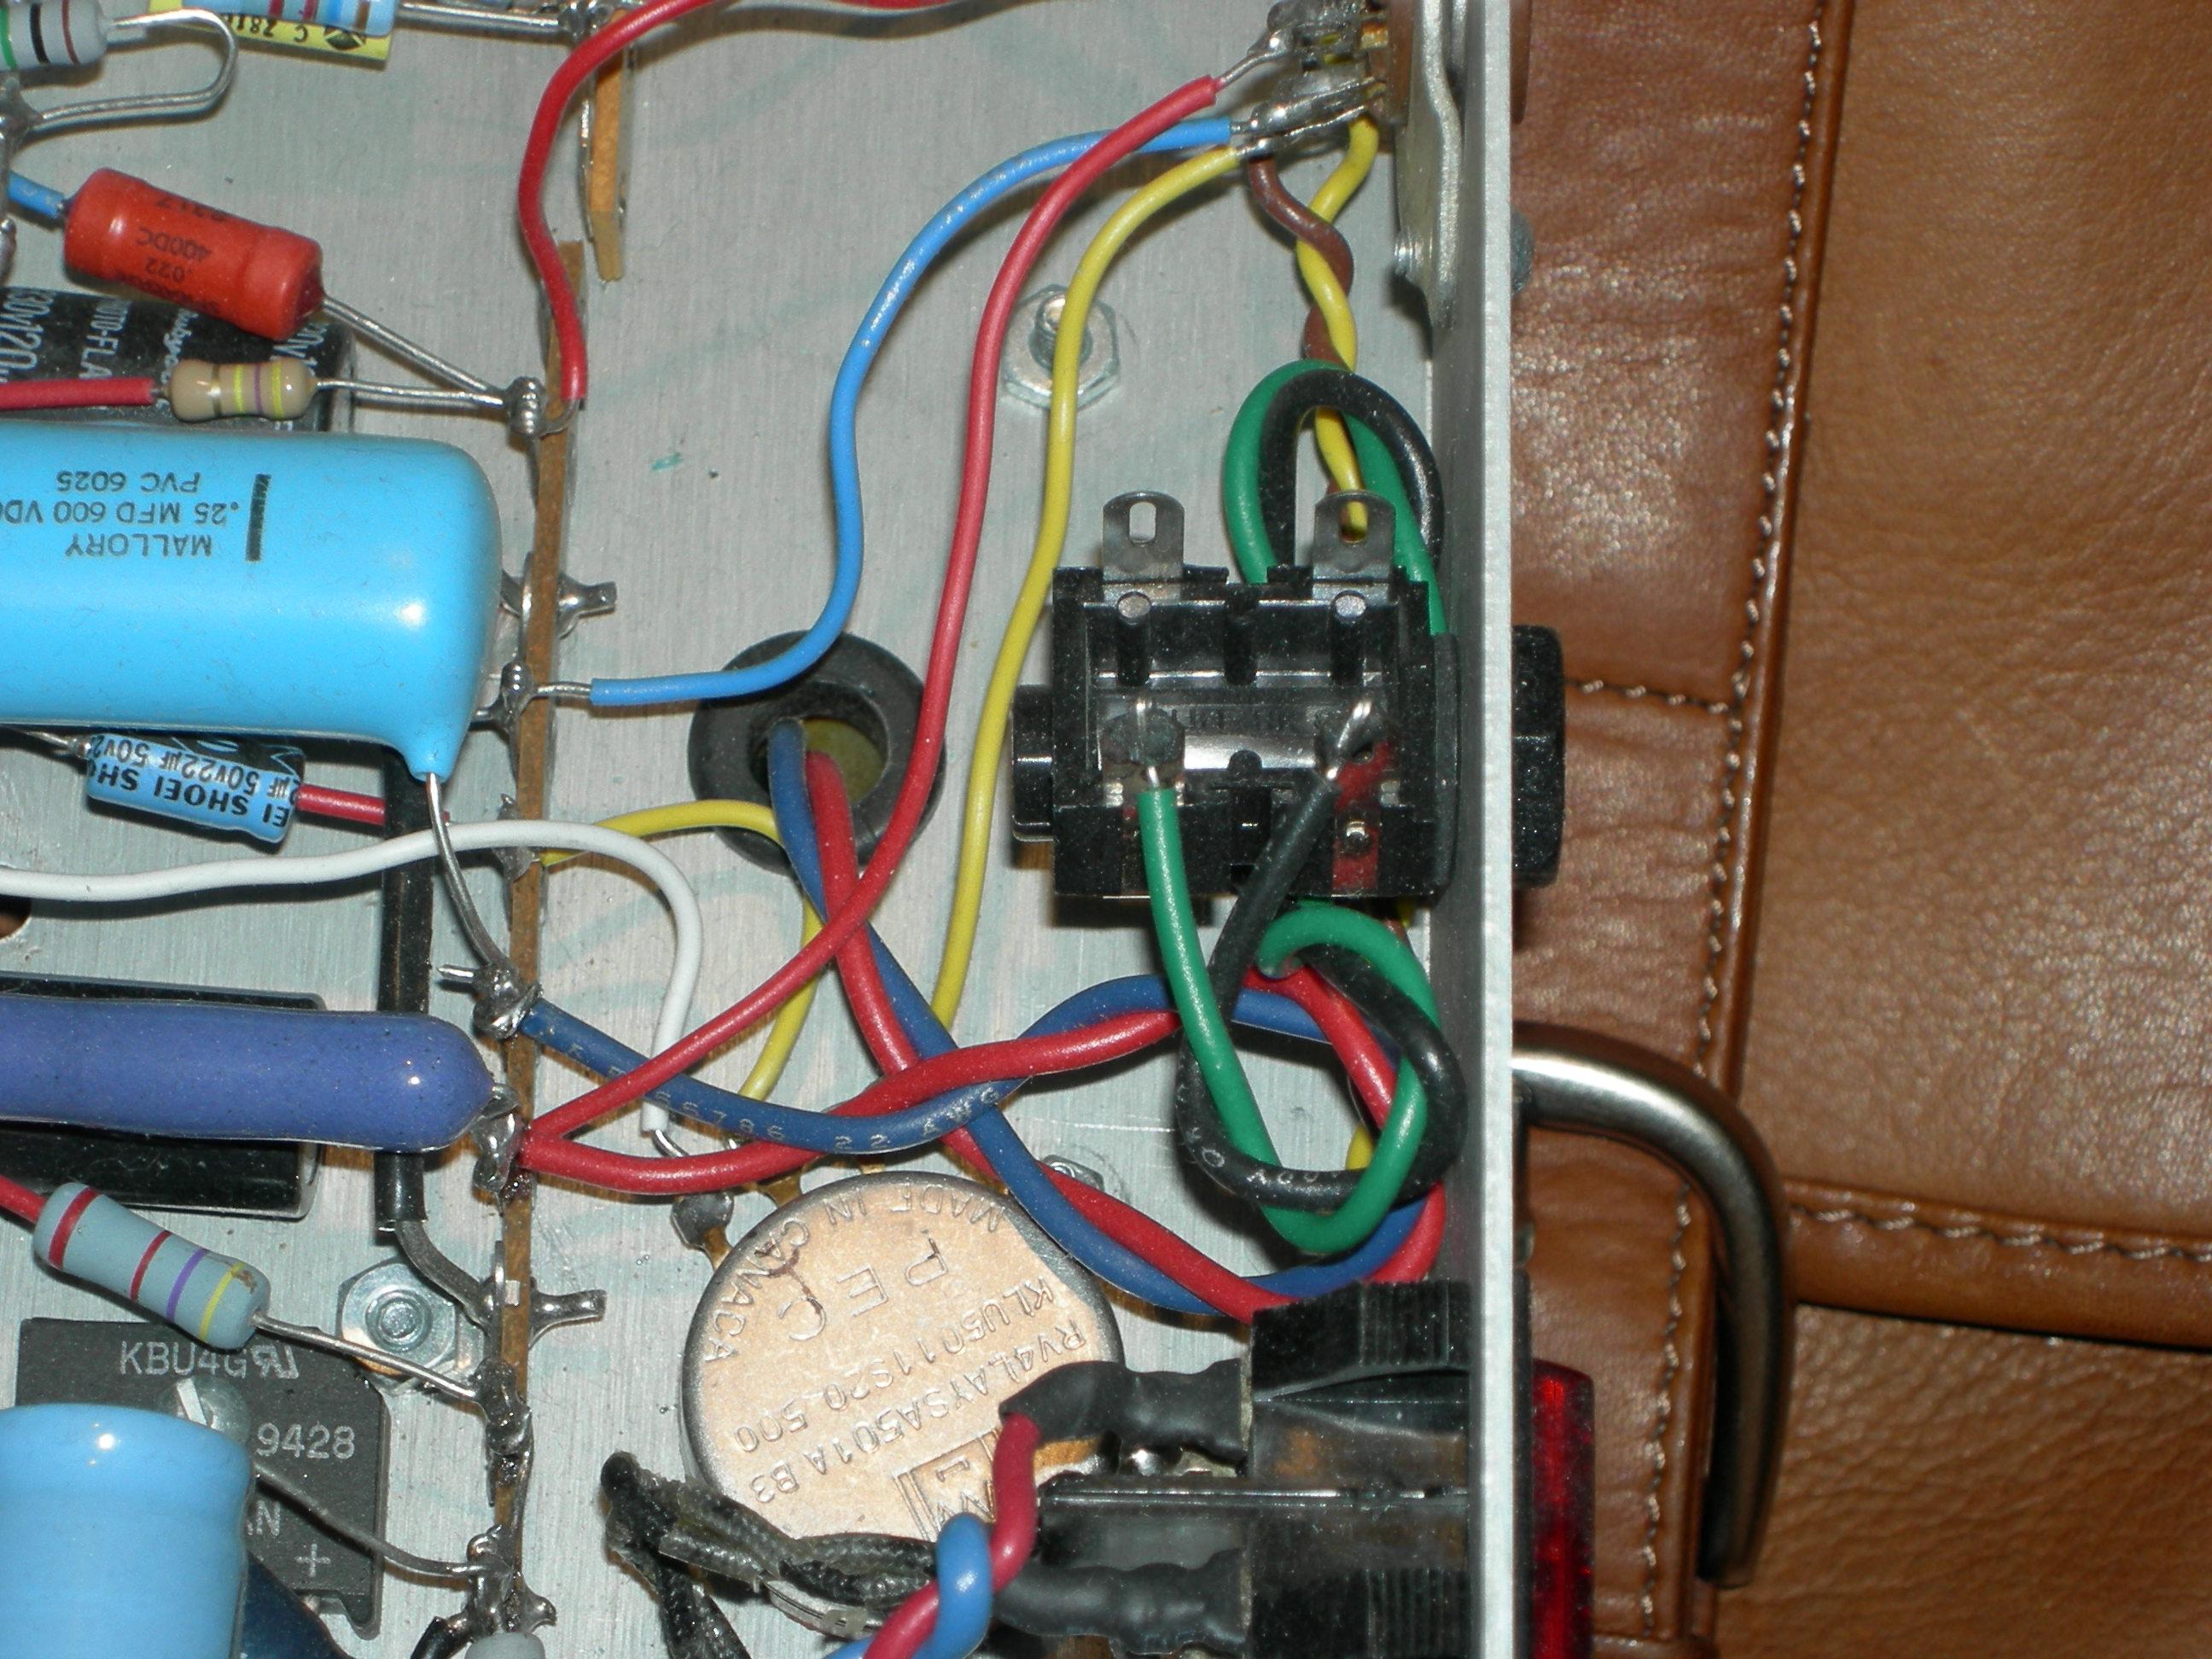 guitar output jack wiring diagram hw 2000i inverter input jacks for speaker